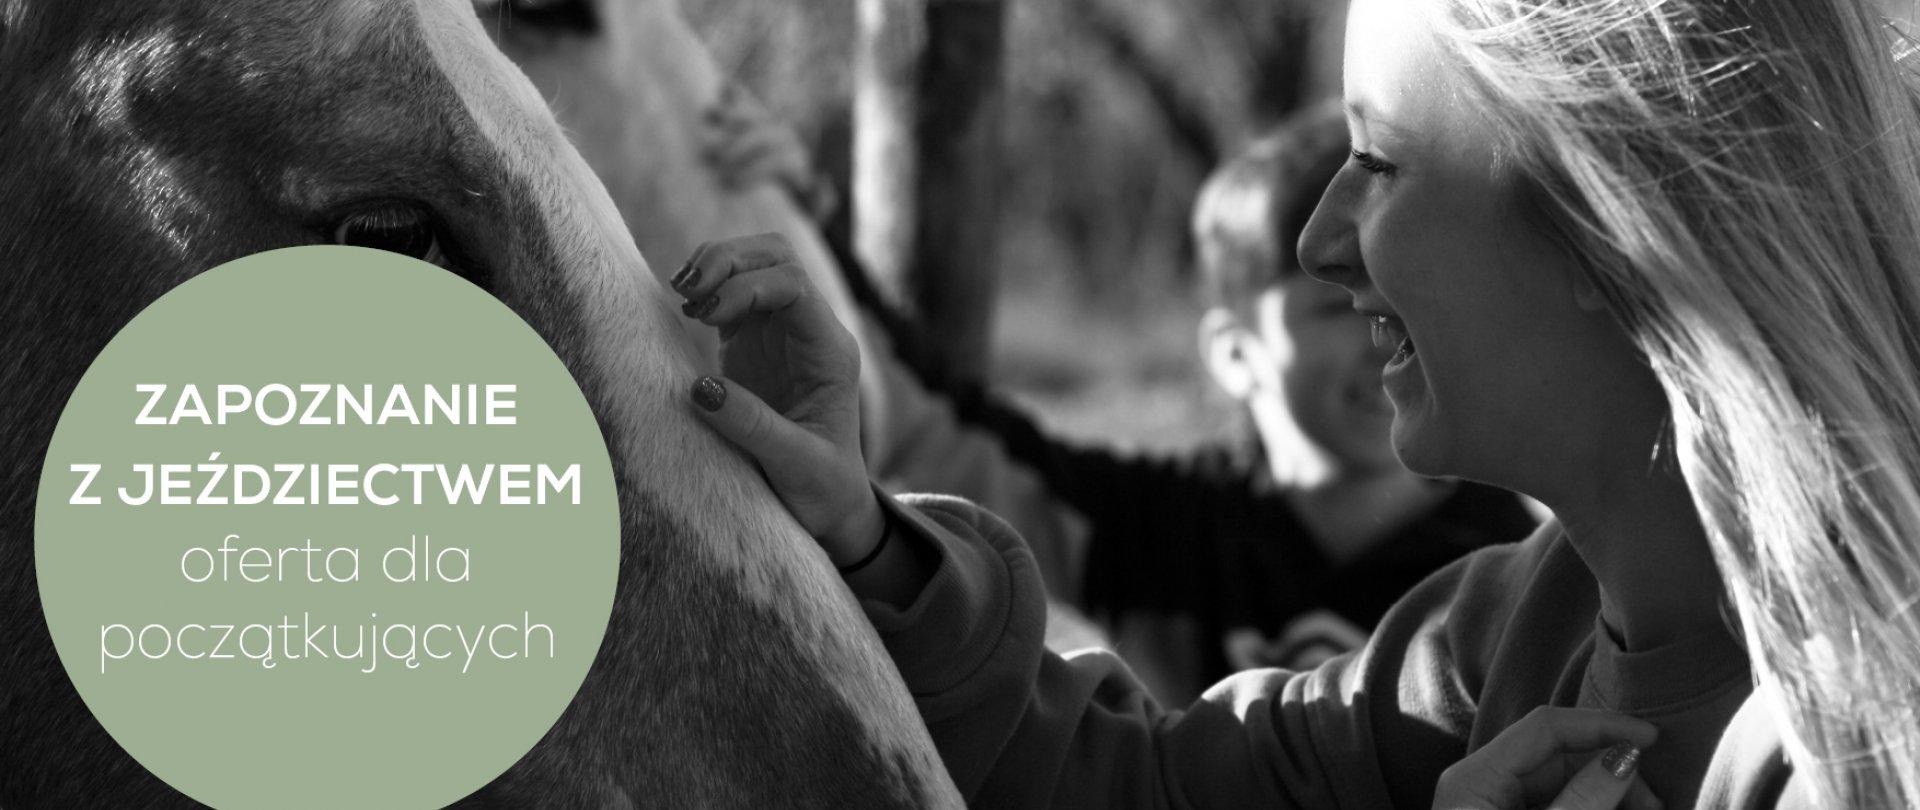 Zapoznanie z jeździectwem - oferta dla początkujących